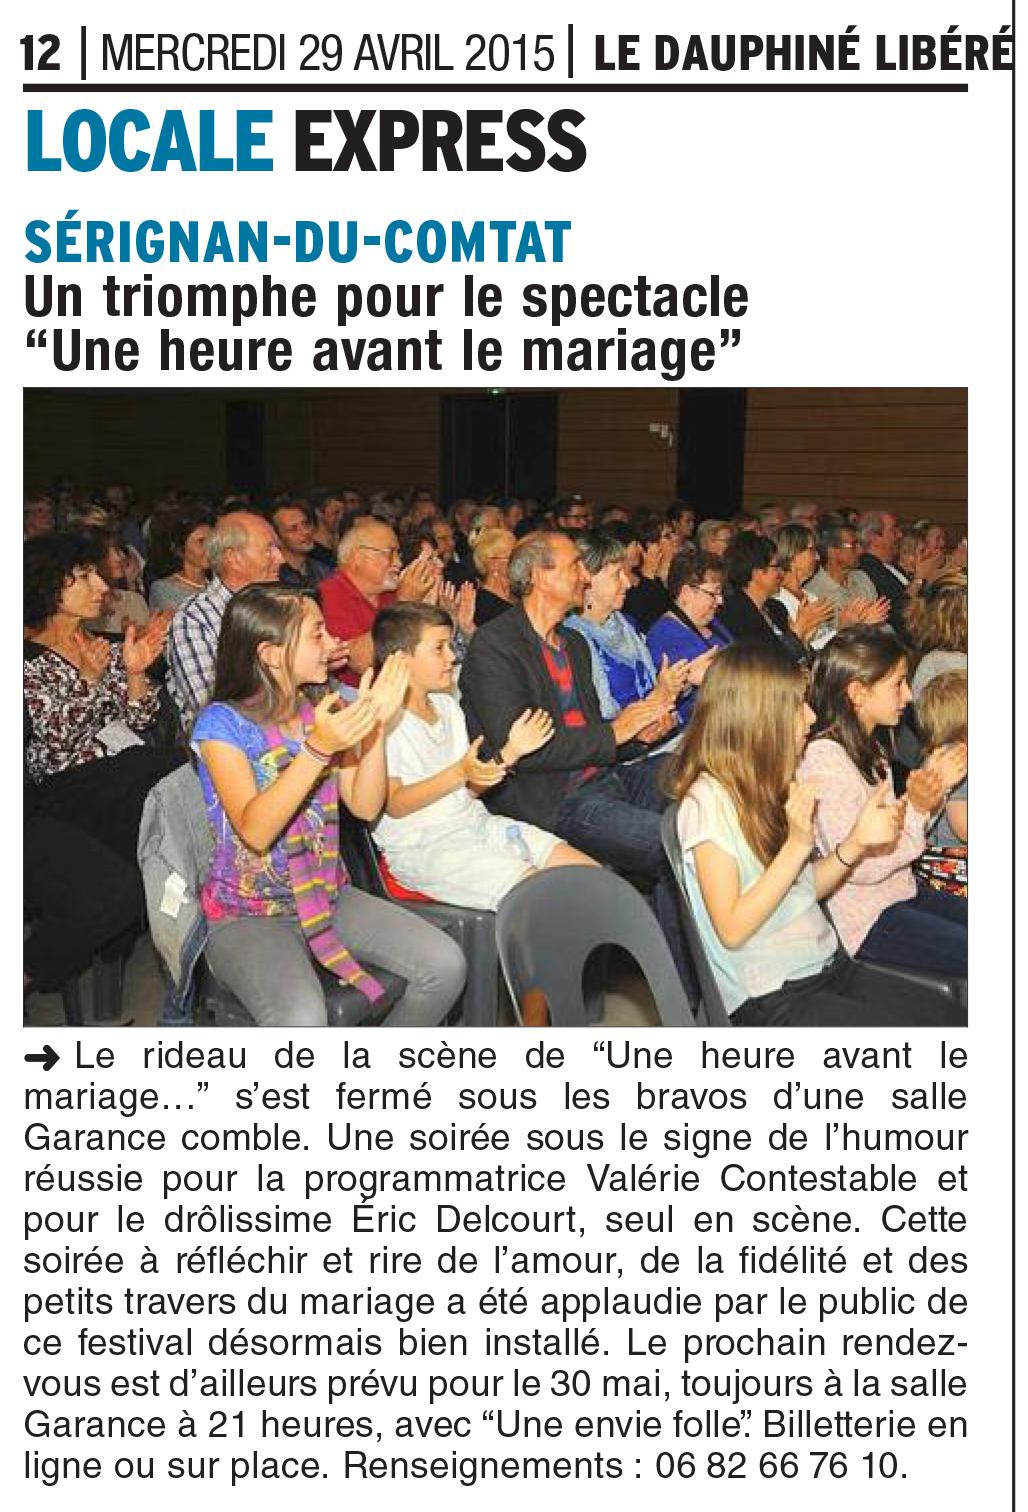 PDF-Page_12-edition-du-haut-vaucluse_20150429